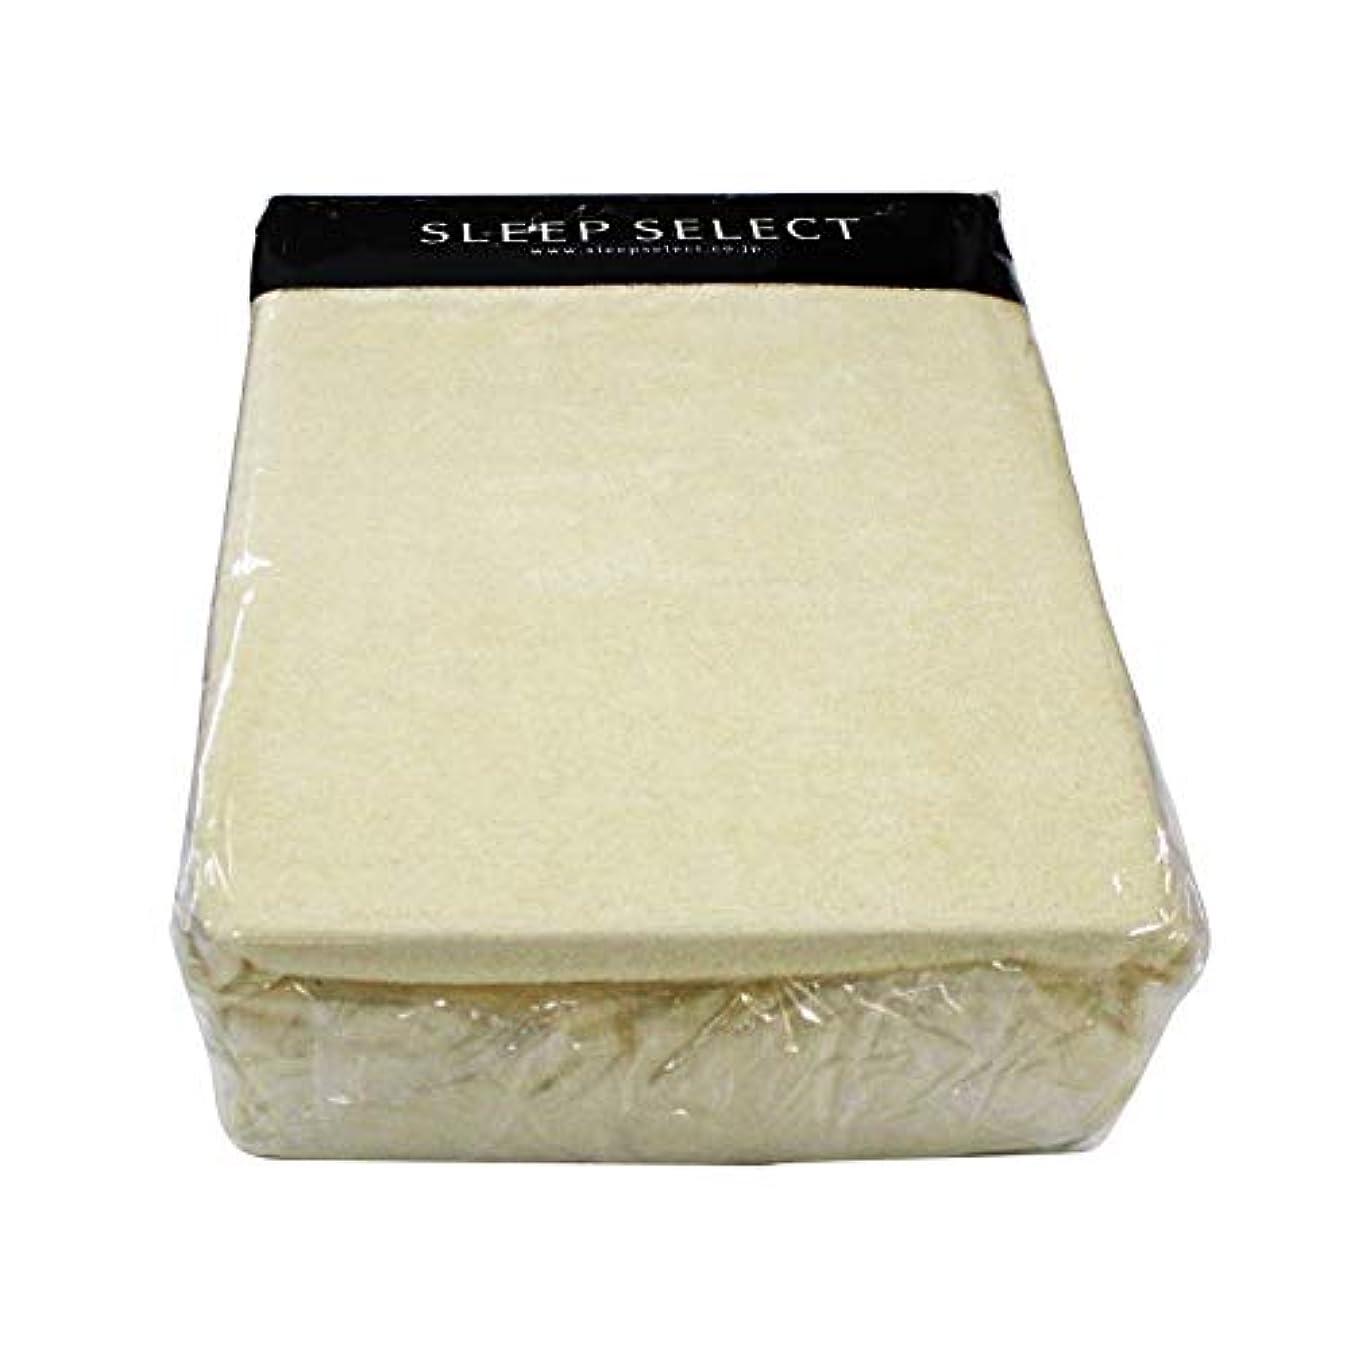 腹絶対の馬鹿SLEEP SELECT(スリープセレクト) 日本製 ボックスシーツ ダブルワイド パイル地 クリーム色 SXSSAN40DWCR